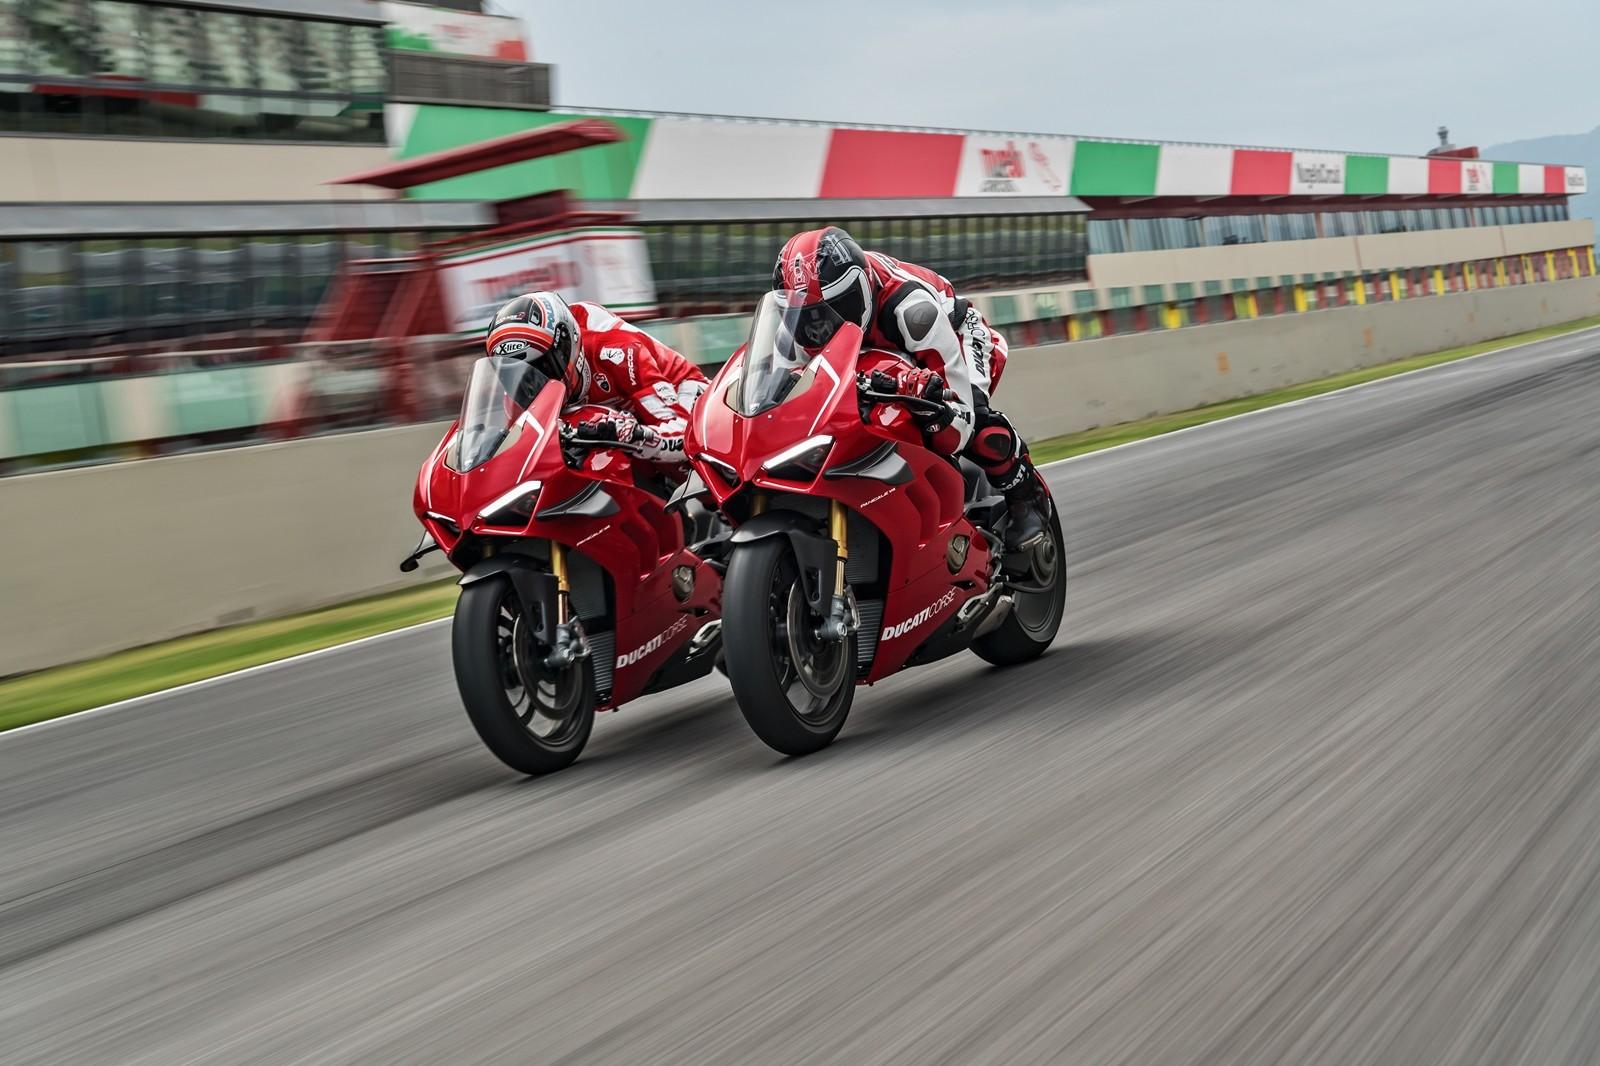 Foto de Ducati Panigale V4 R 2019 (14/87)